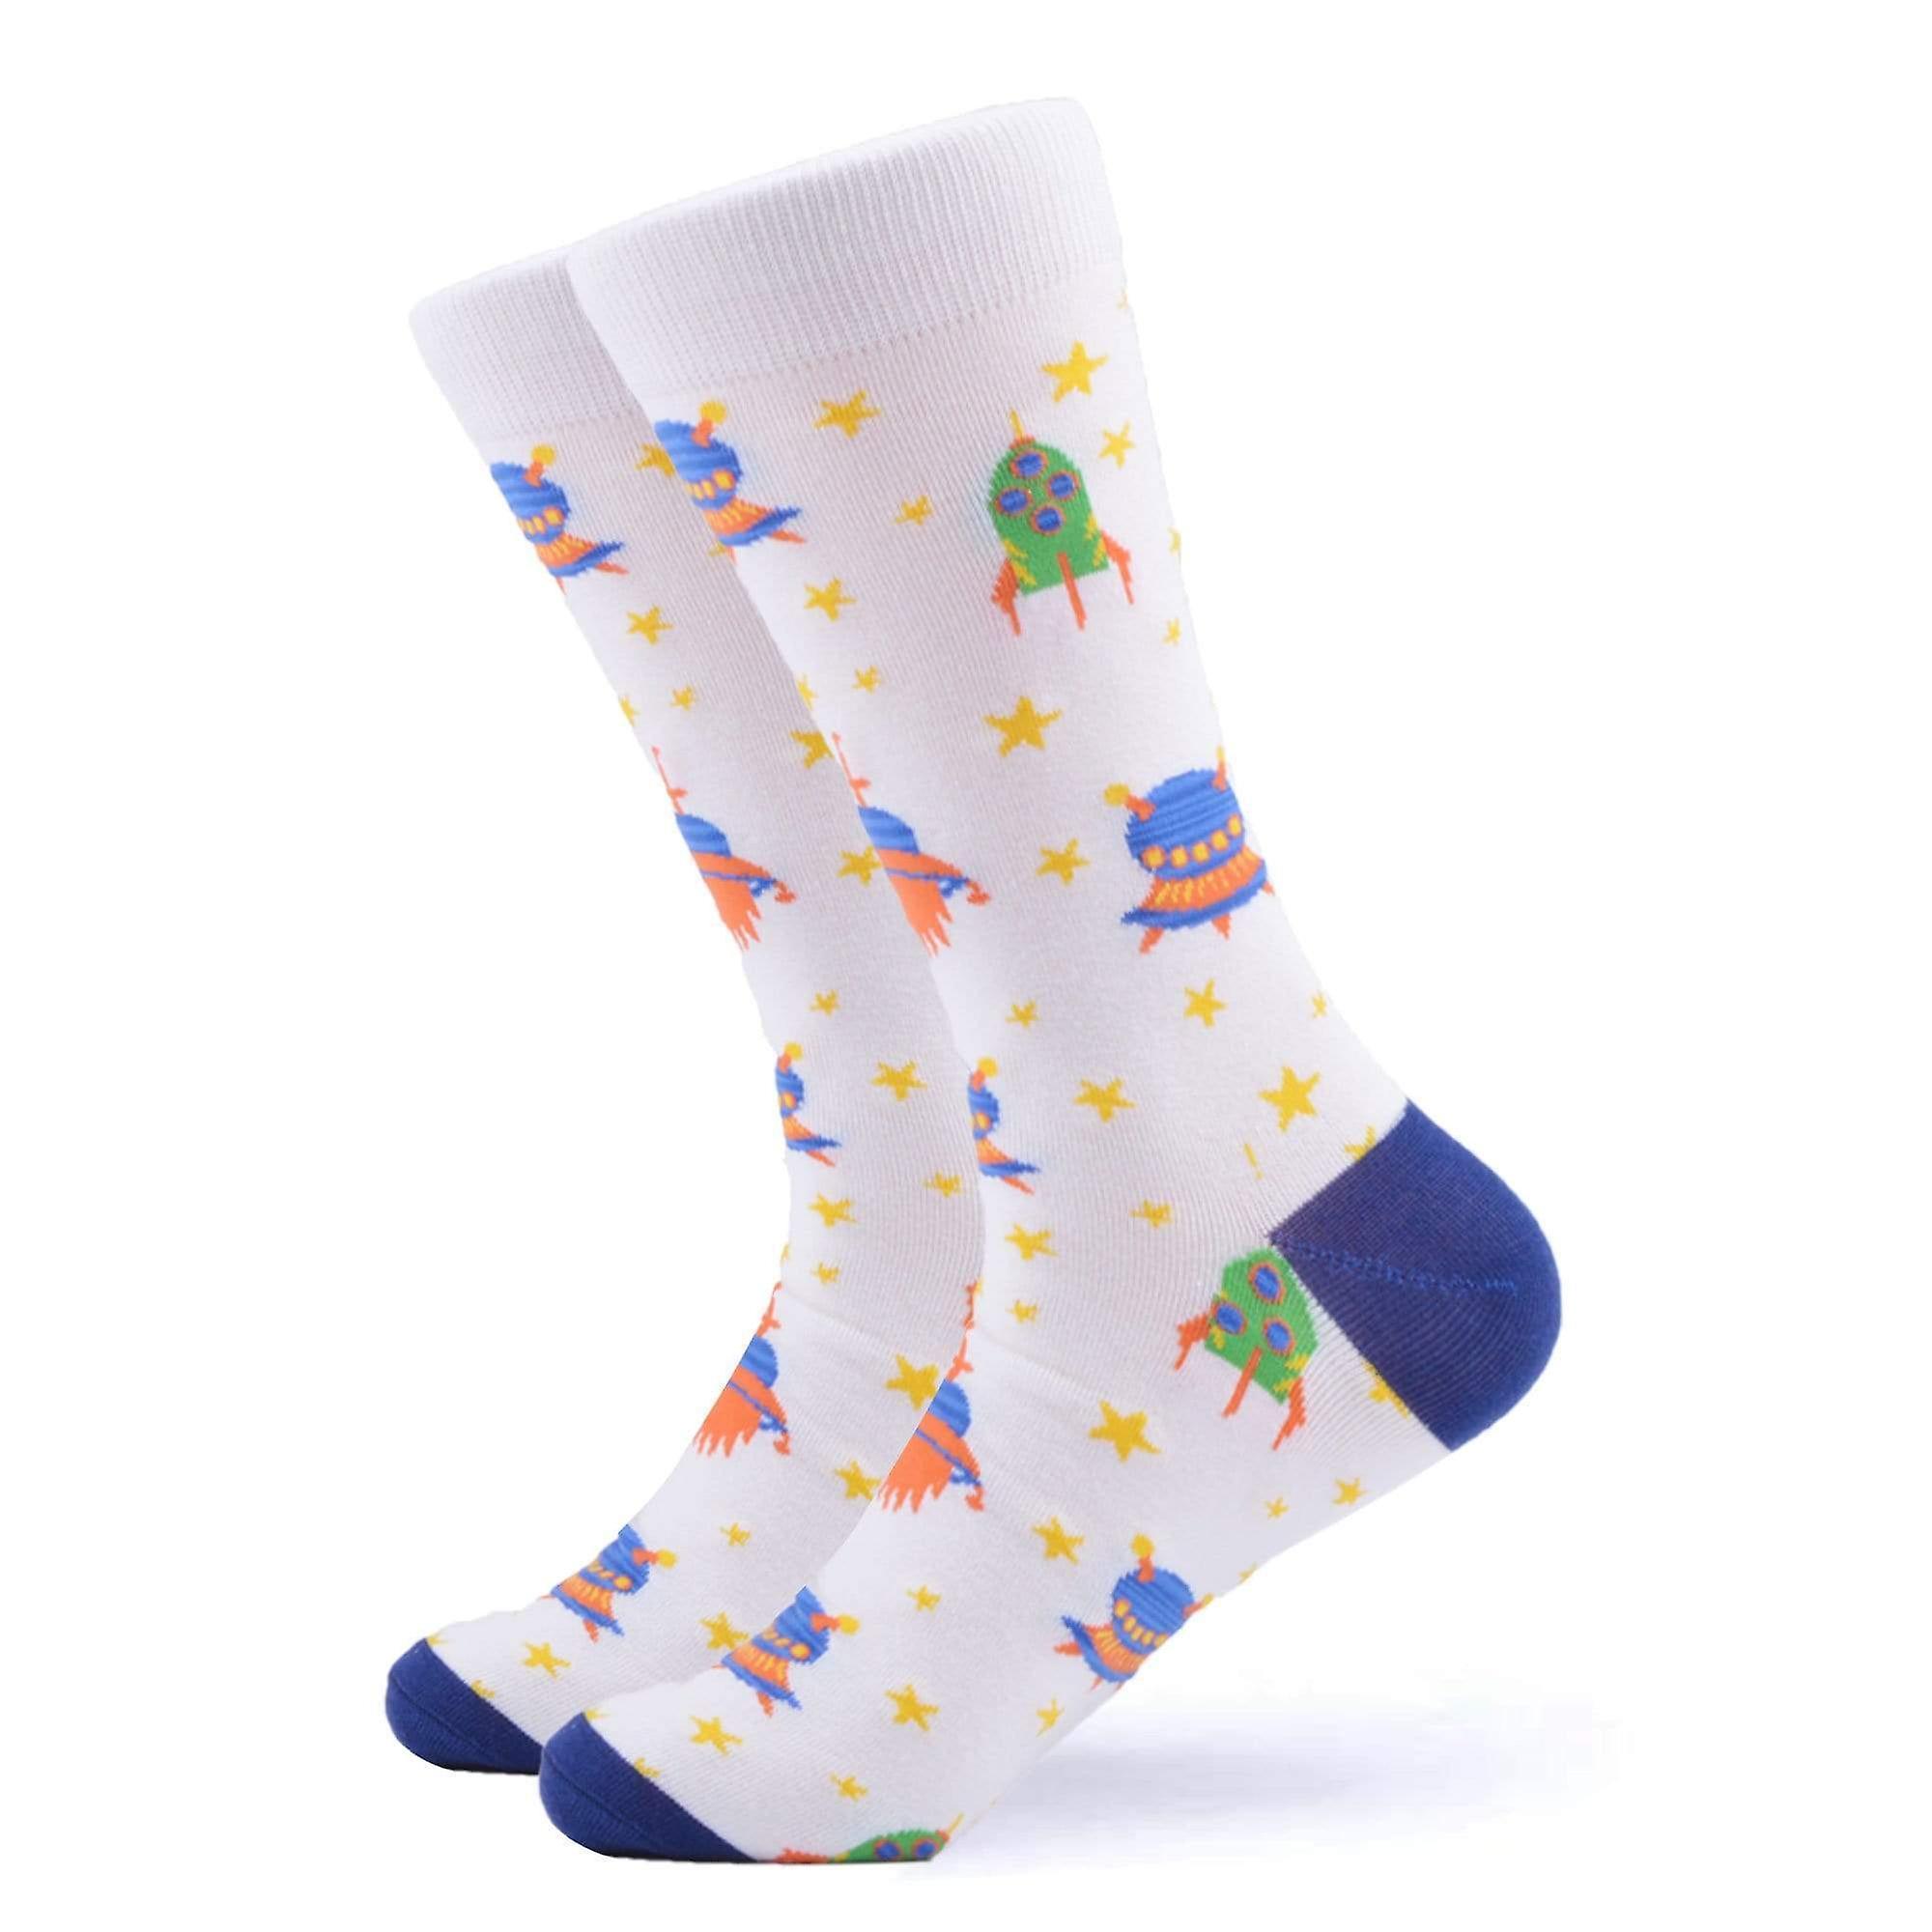 Rocket man space theme gift 3 pairs of socks